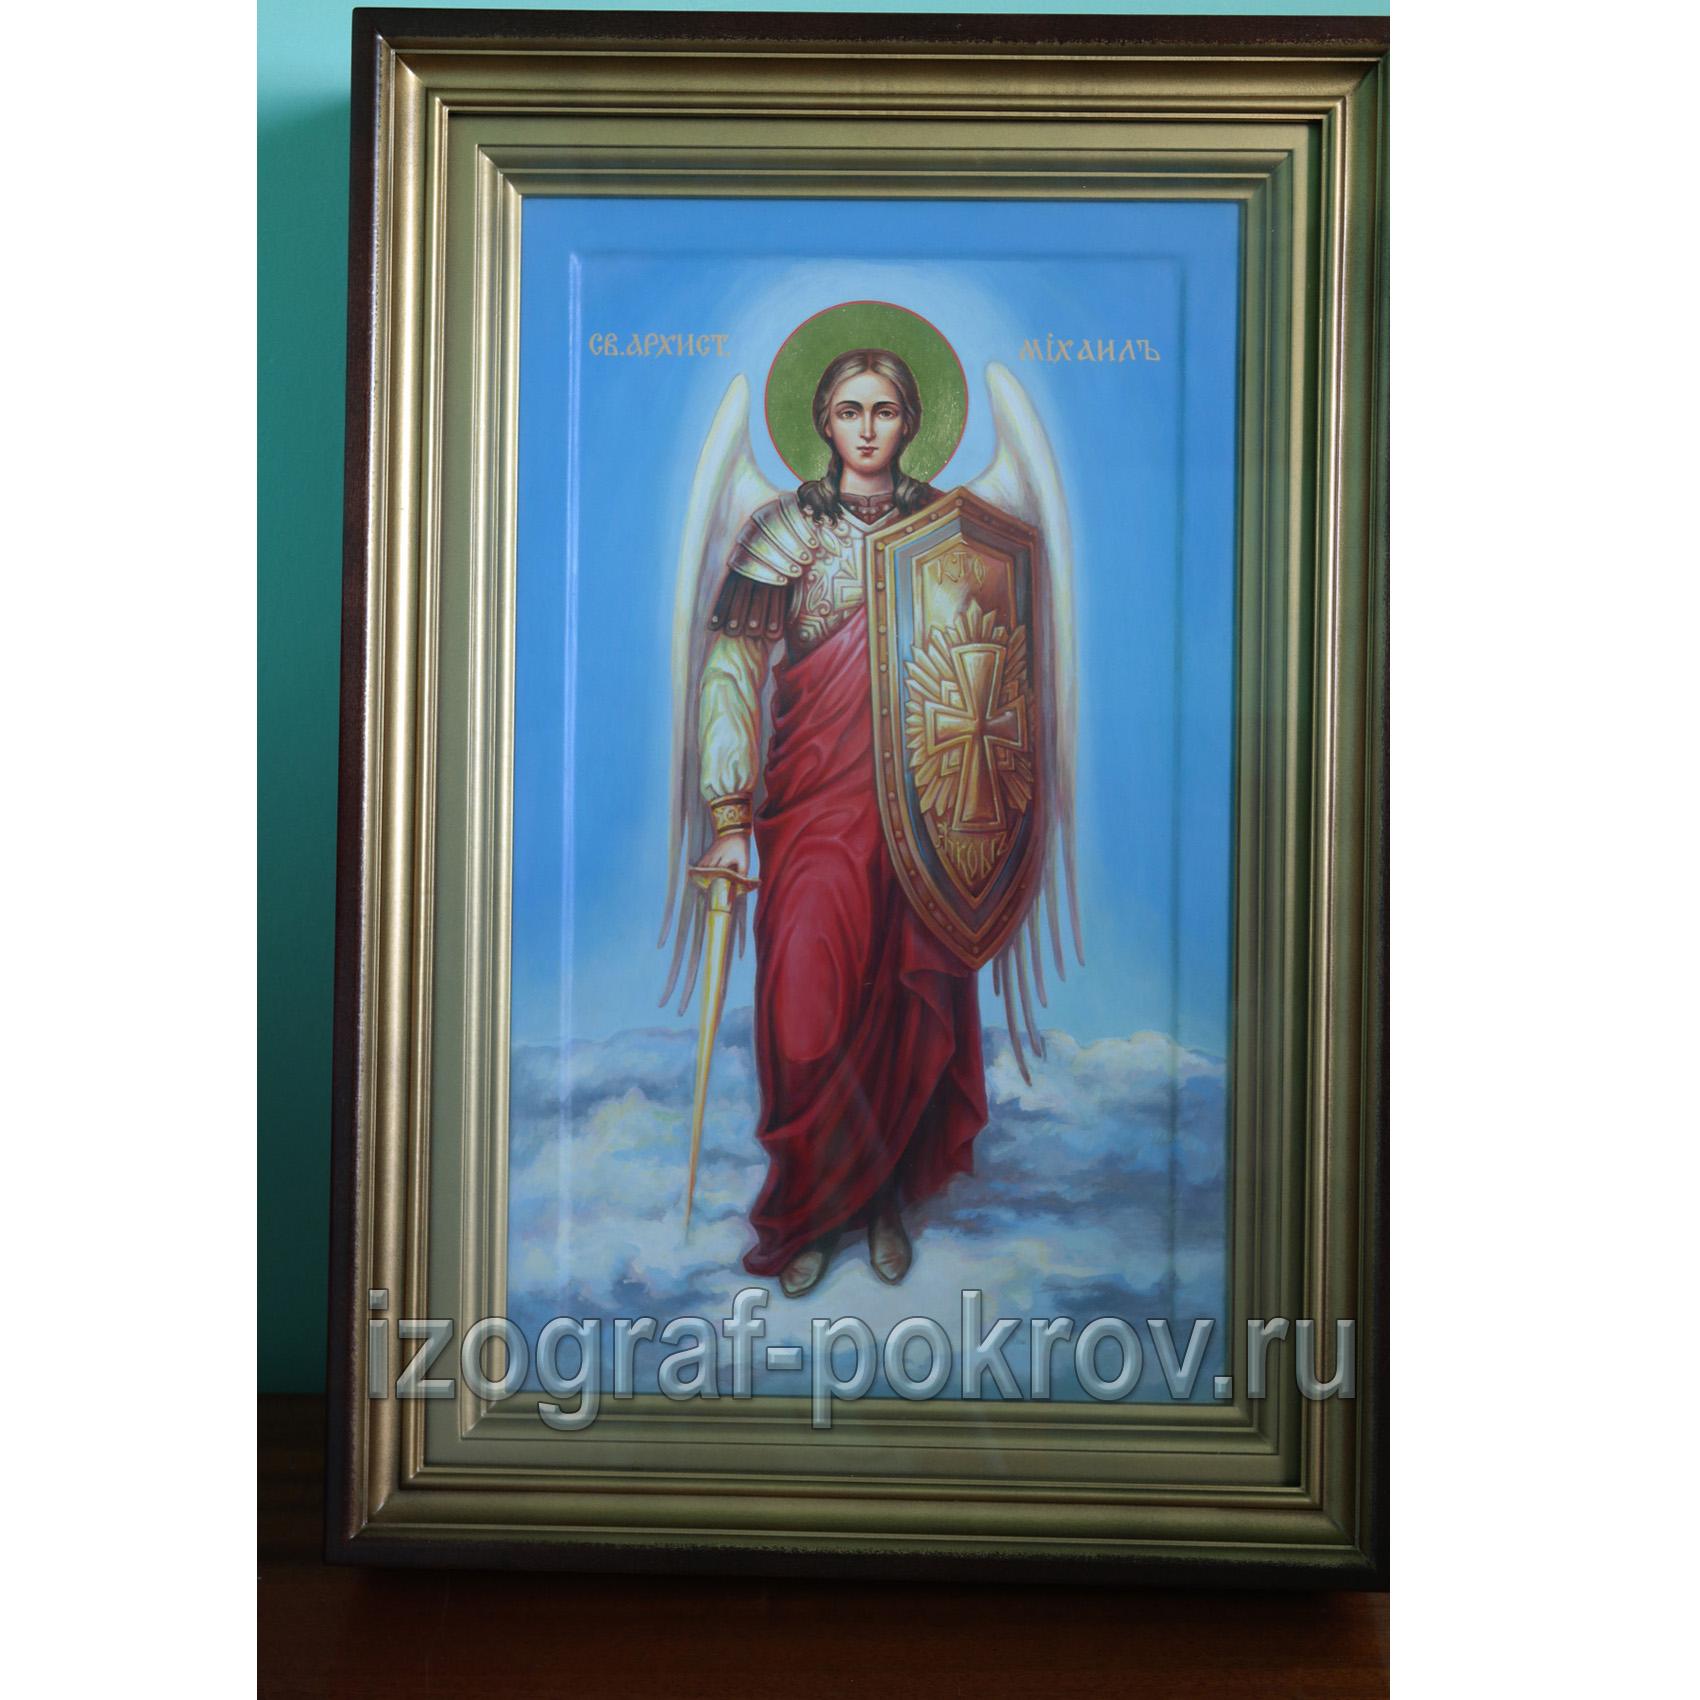 Икона Архангел (архистратиг) Михаил в киоте академический стиль